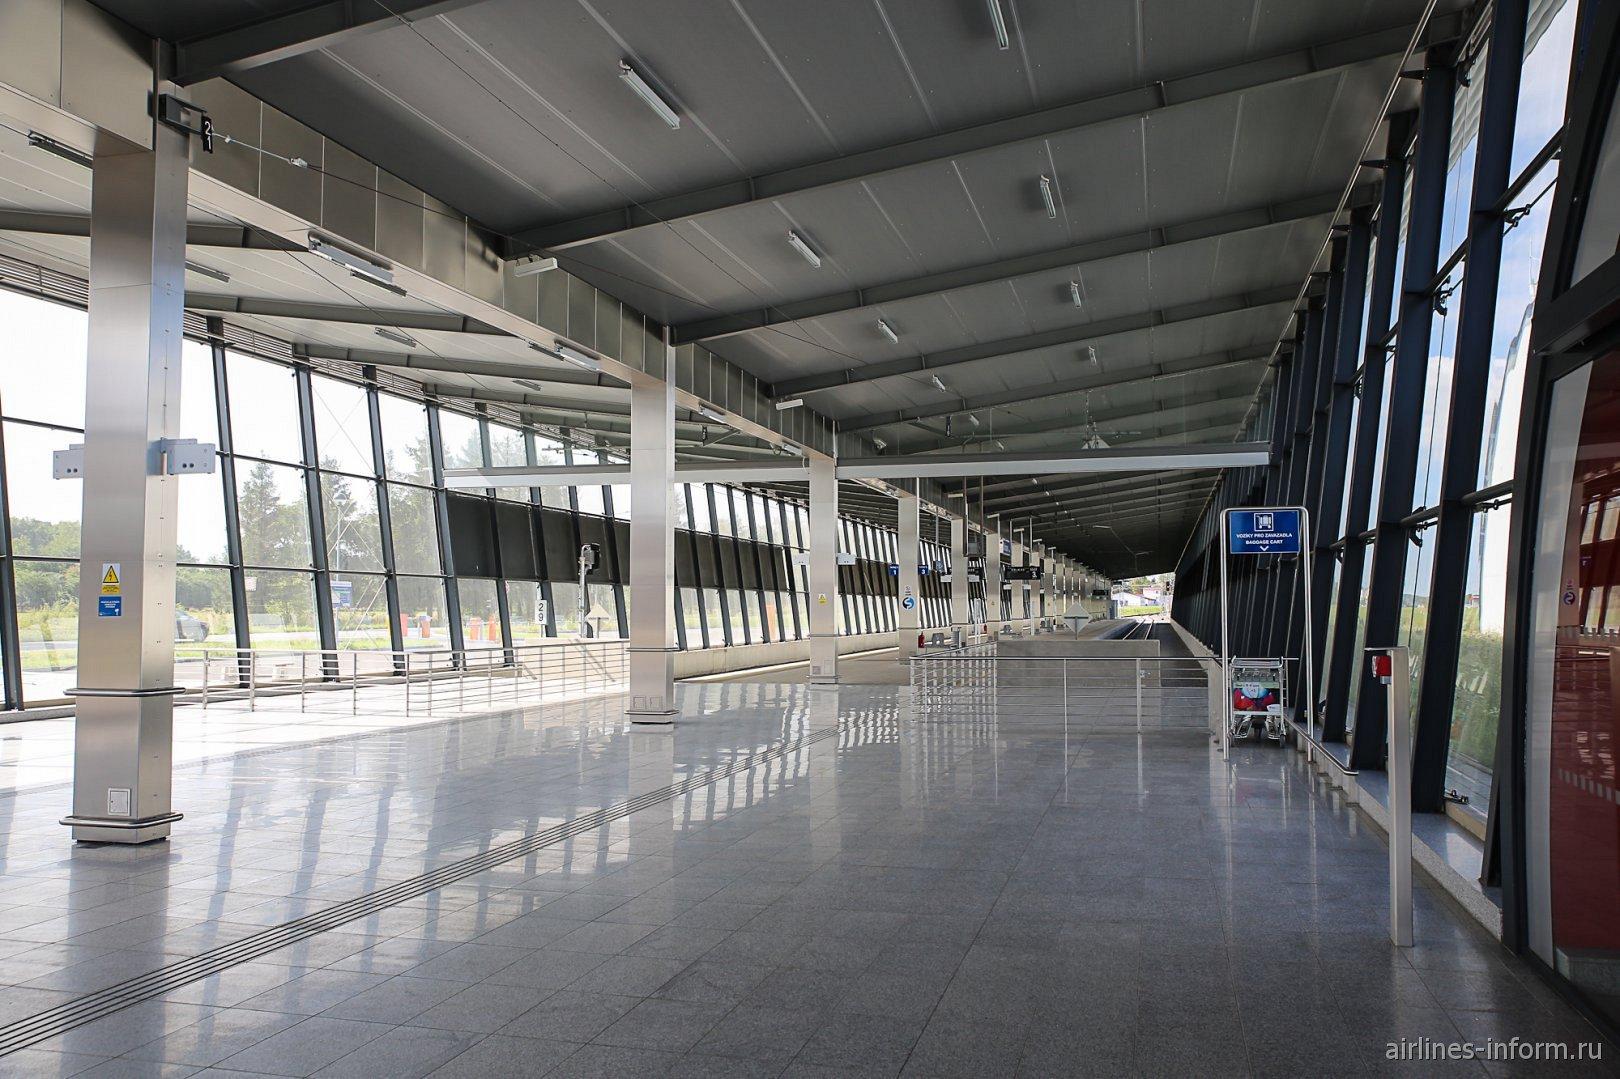 Терминал железнодорожной станции в аэропорту Острава